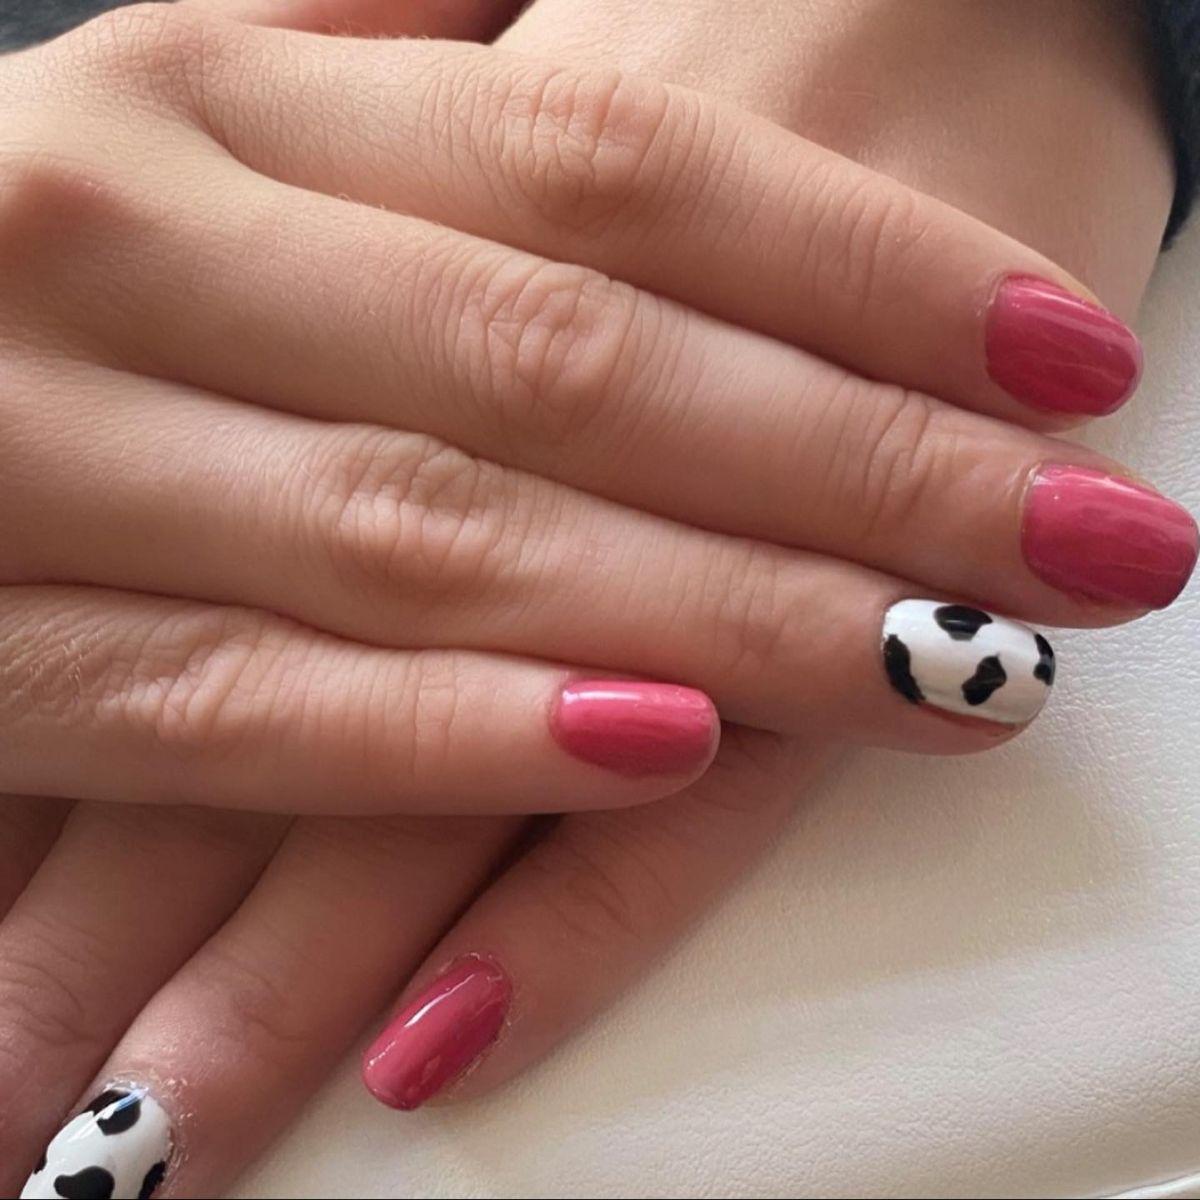 #nails #nailsofinstagram #nailstagram #nailsdesign #nailsmagazine #nailsoftheday